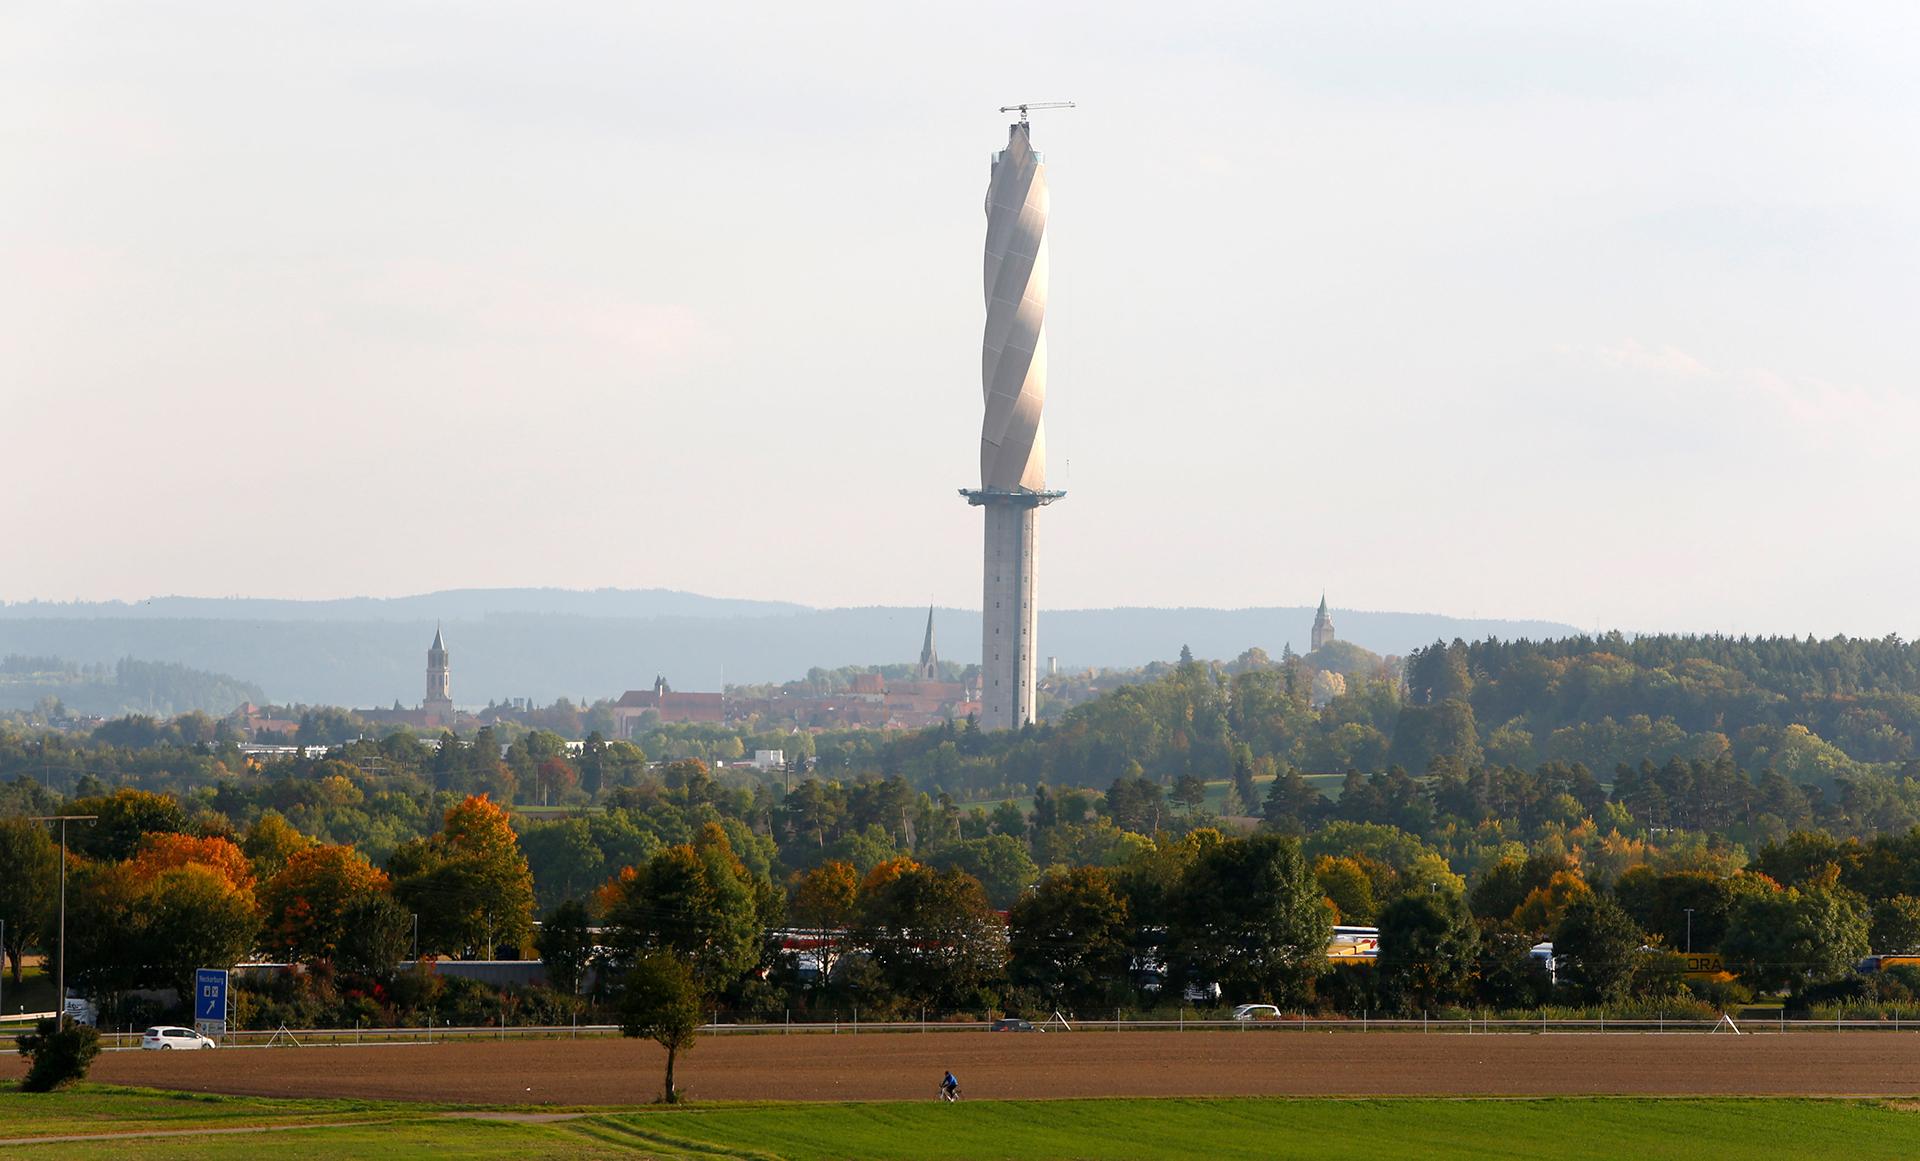 La Test Tower de Thyssenkruppen Rottweil, Alemania. Muchos la critican por su similitud con una broca gigante para realizar agujeros en las paredes